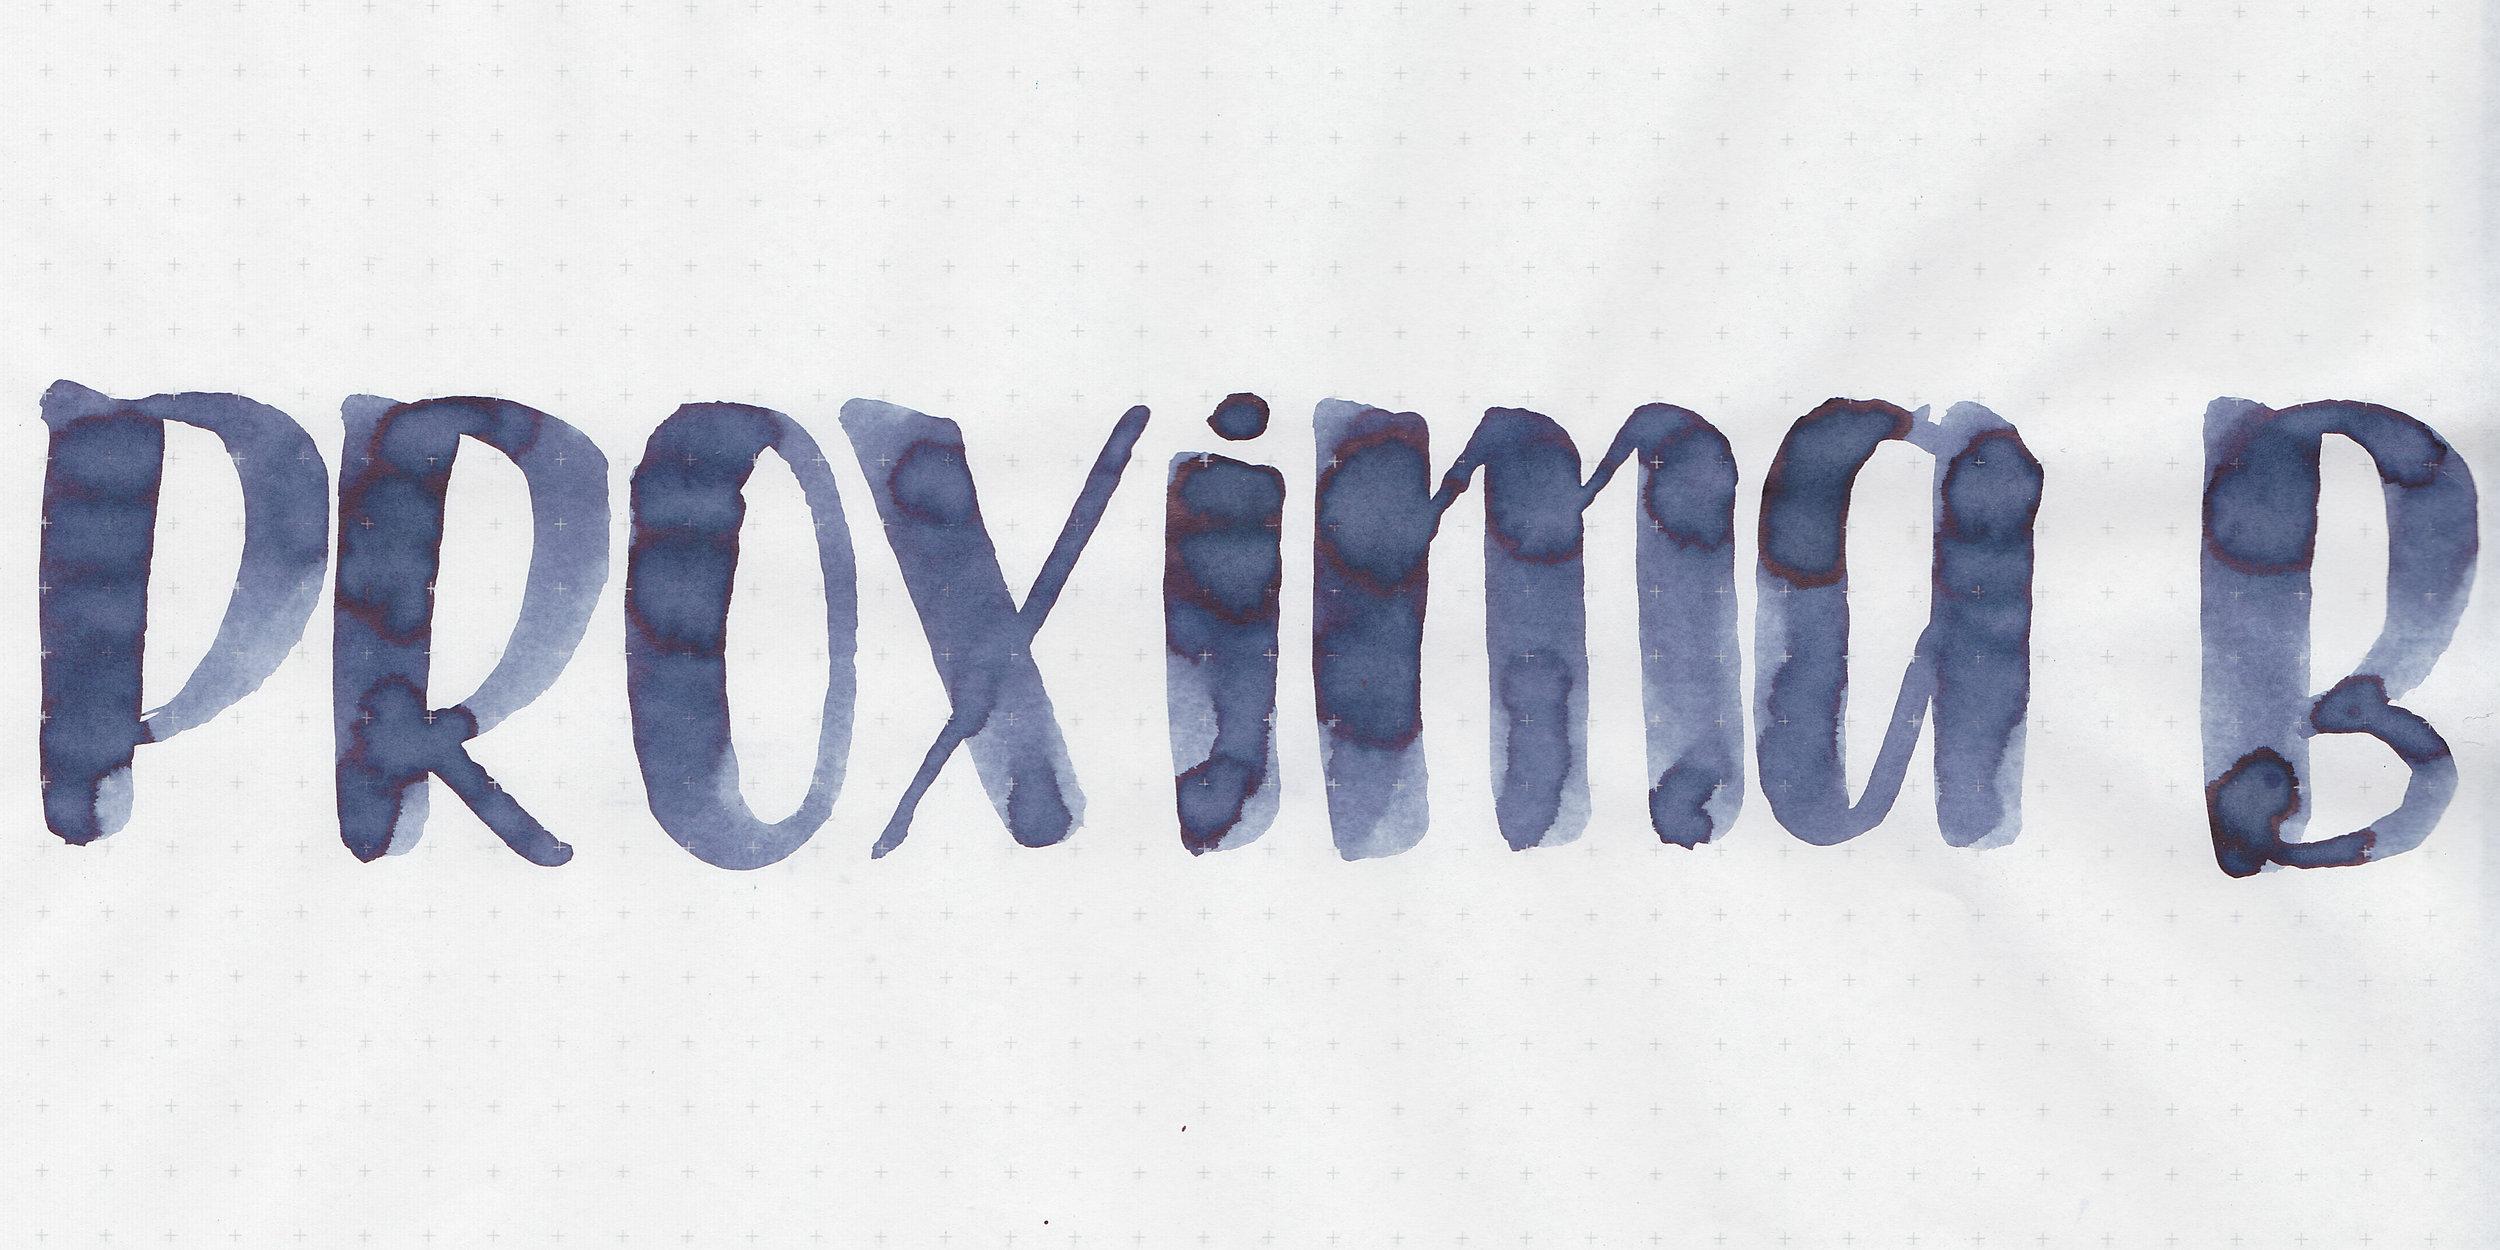 cv-proxima-b-6.jpg